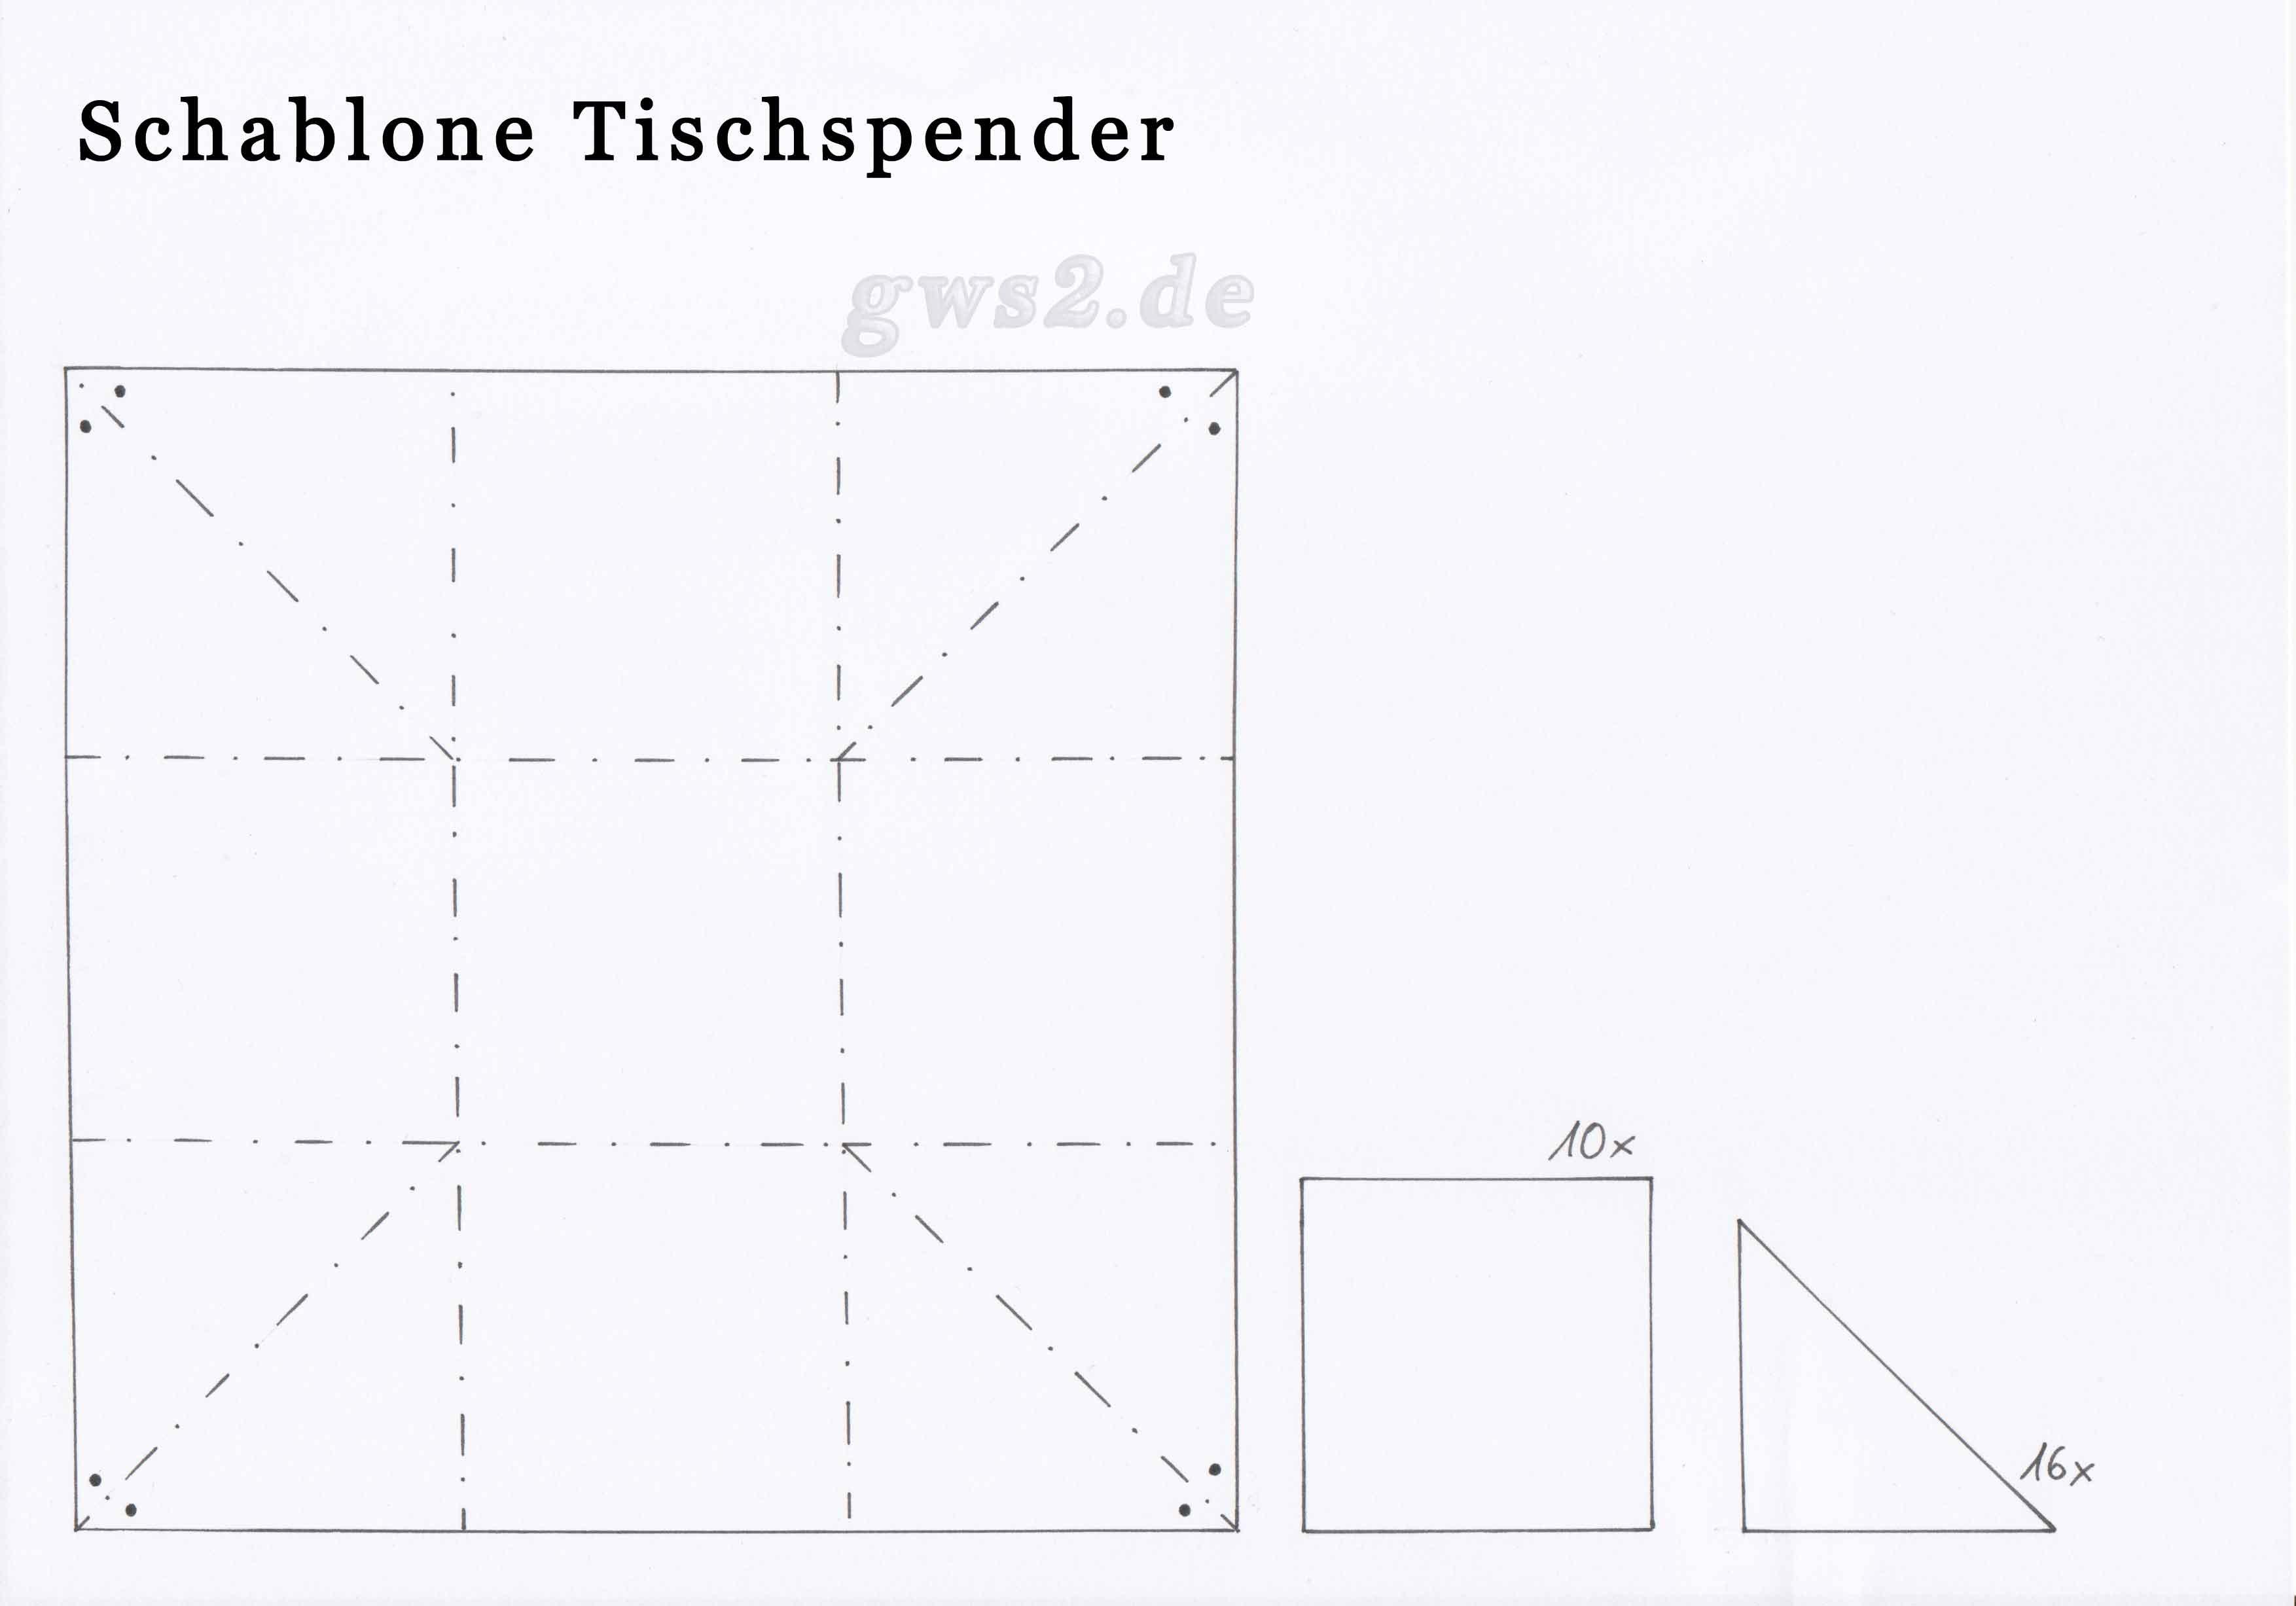 Schablone zum Tischspender aus Papier